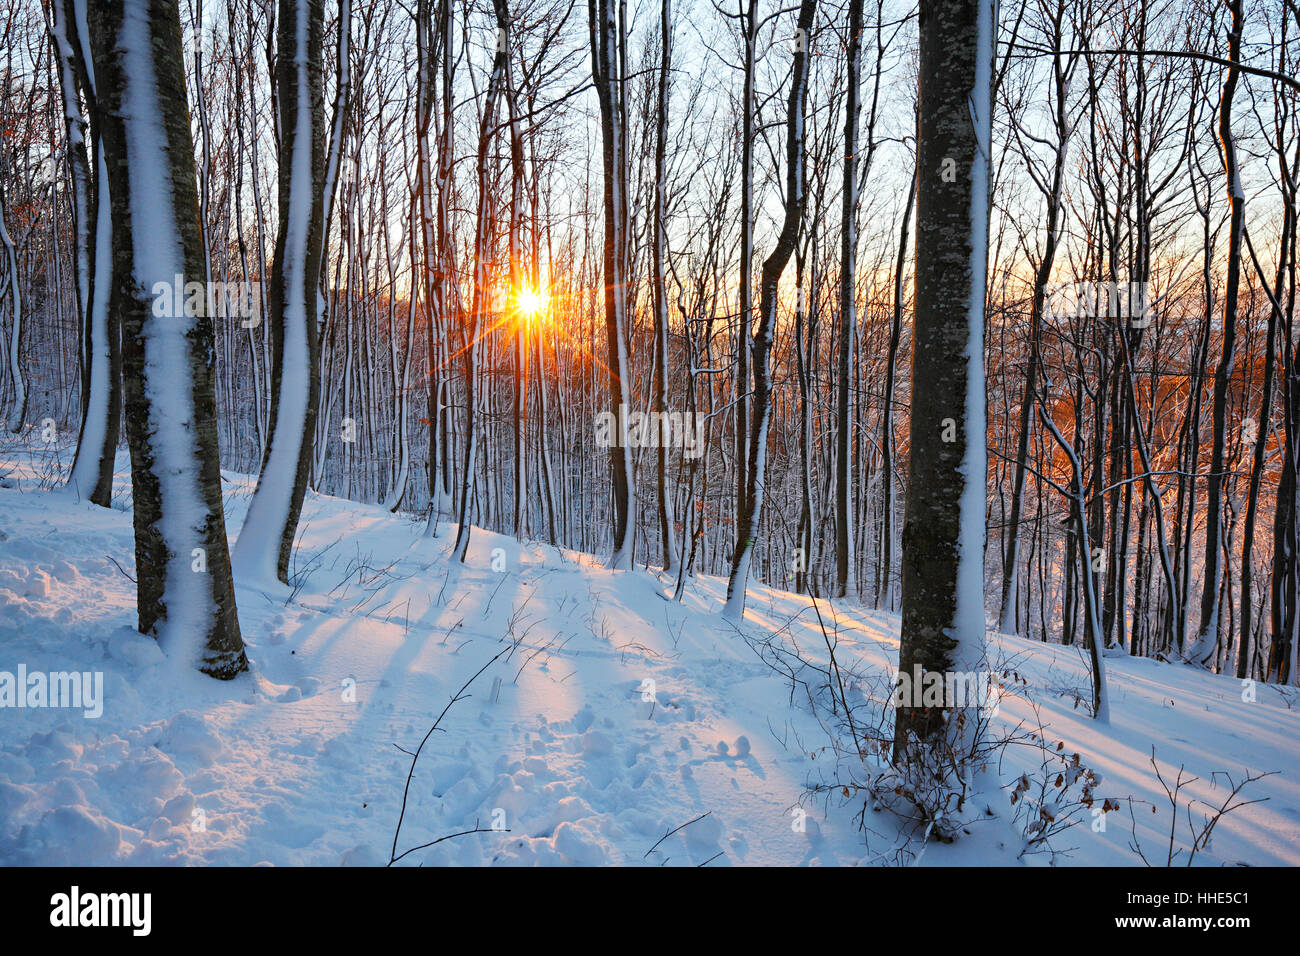 Soleil dans la neige recroquevillés forest Photo Stock